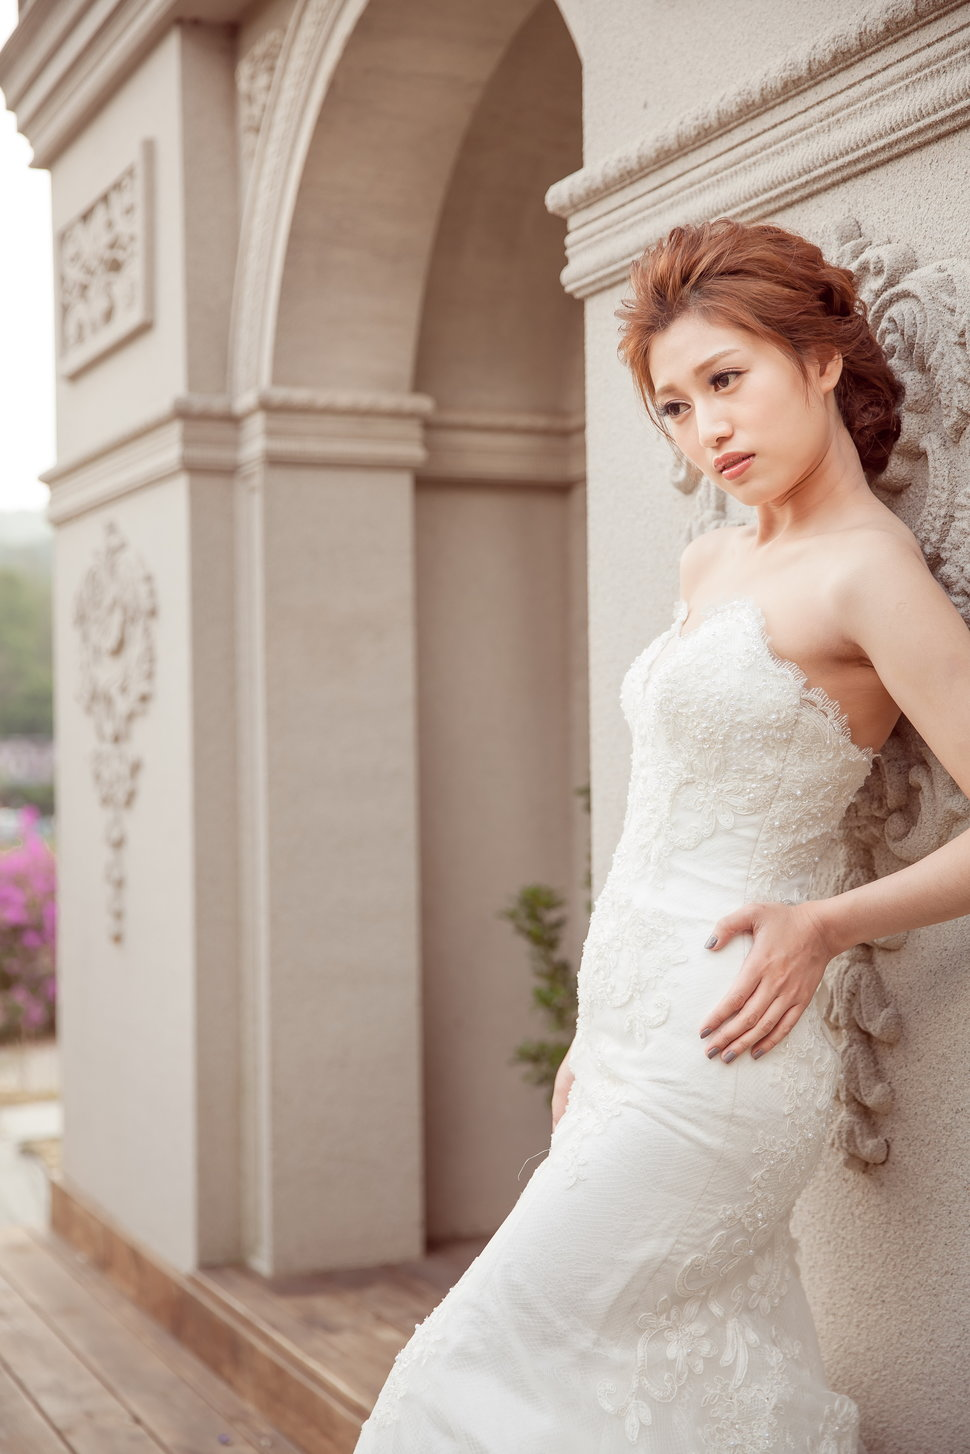 2016希臘婚禮手工婚紗禮服(編號:377109) - 希臘婚禮  婚紗  攝影 - 結婚吧